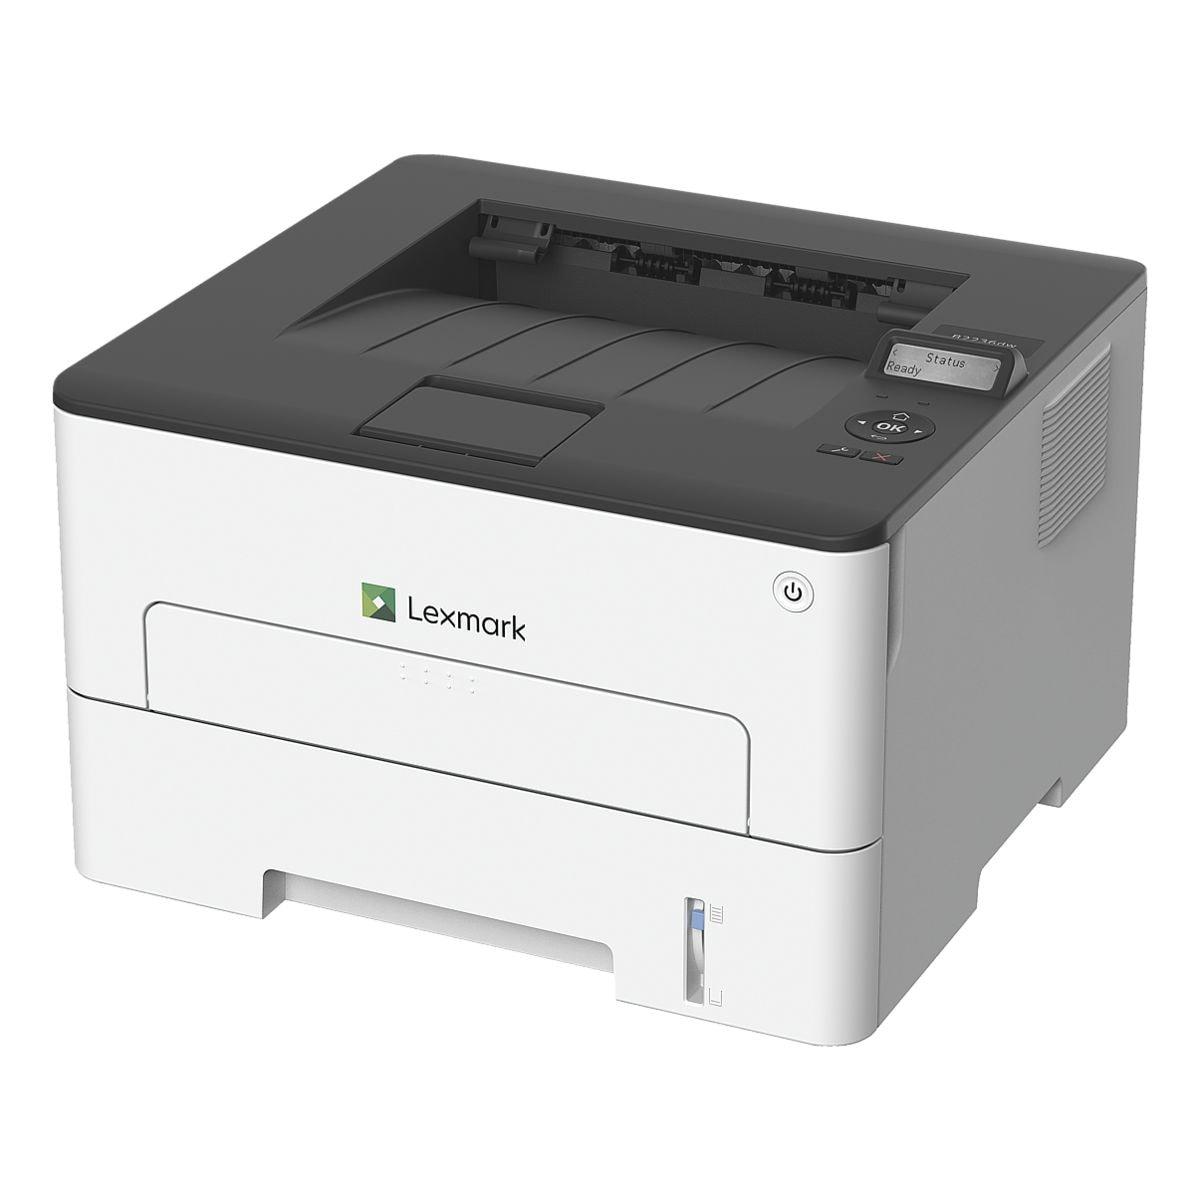 Lexmark B2236dw Laserdrucker, A4, 600 x 600 dpi